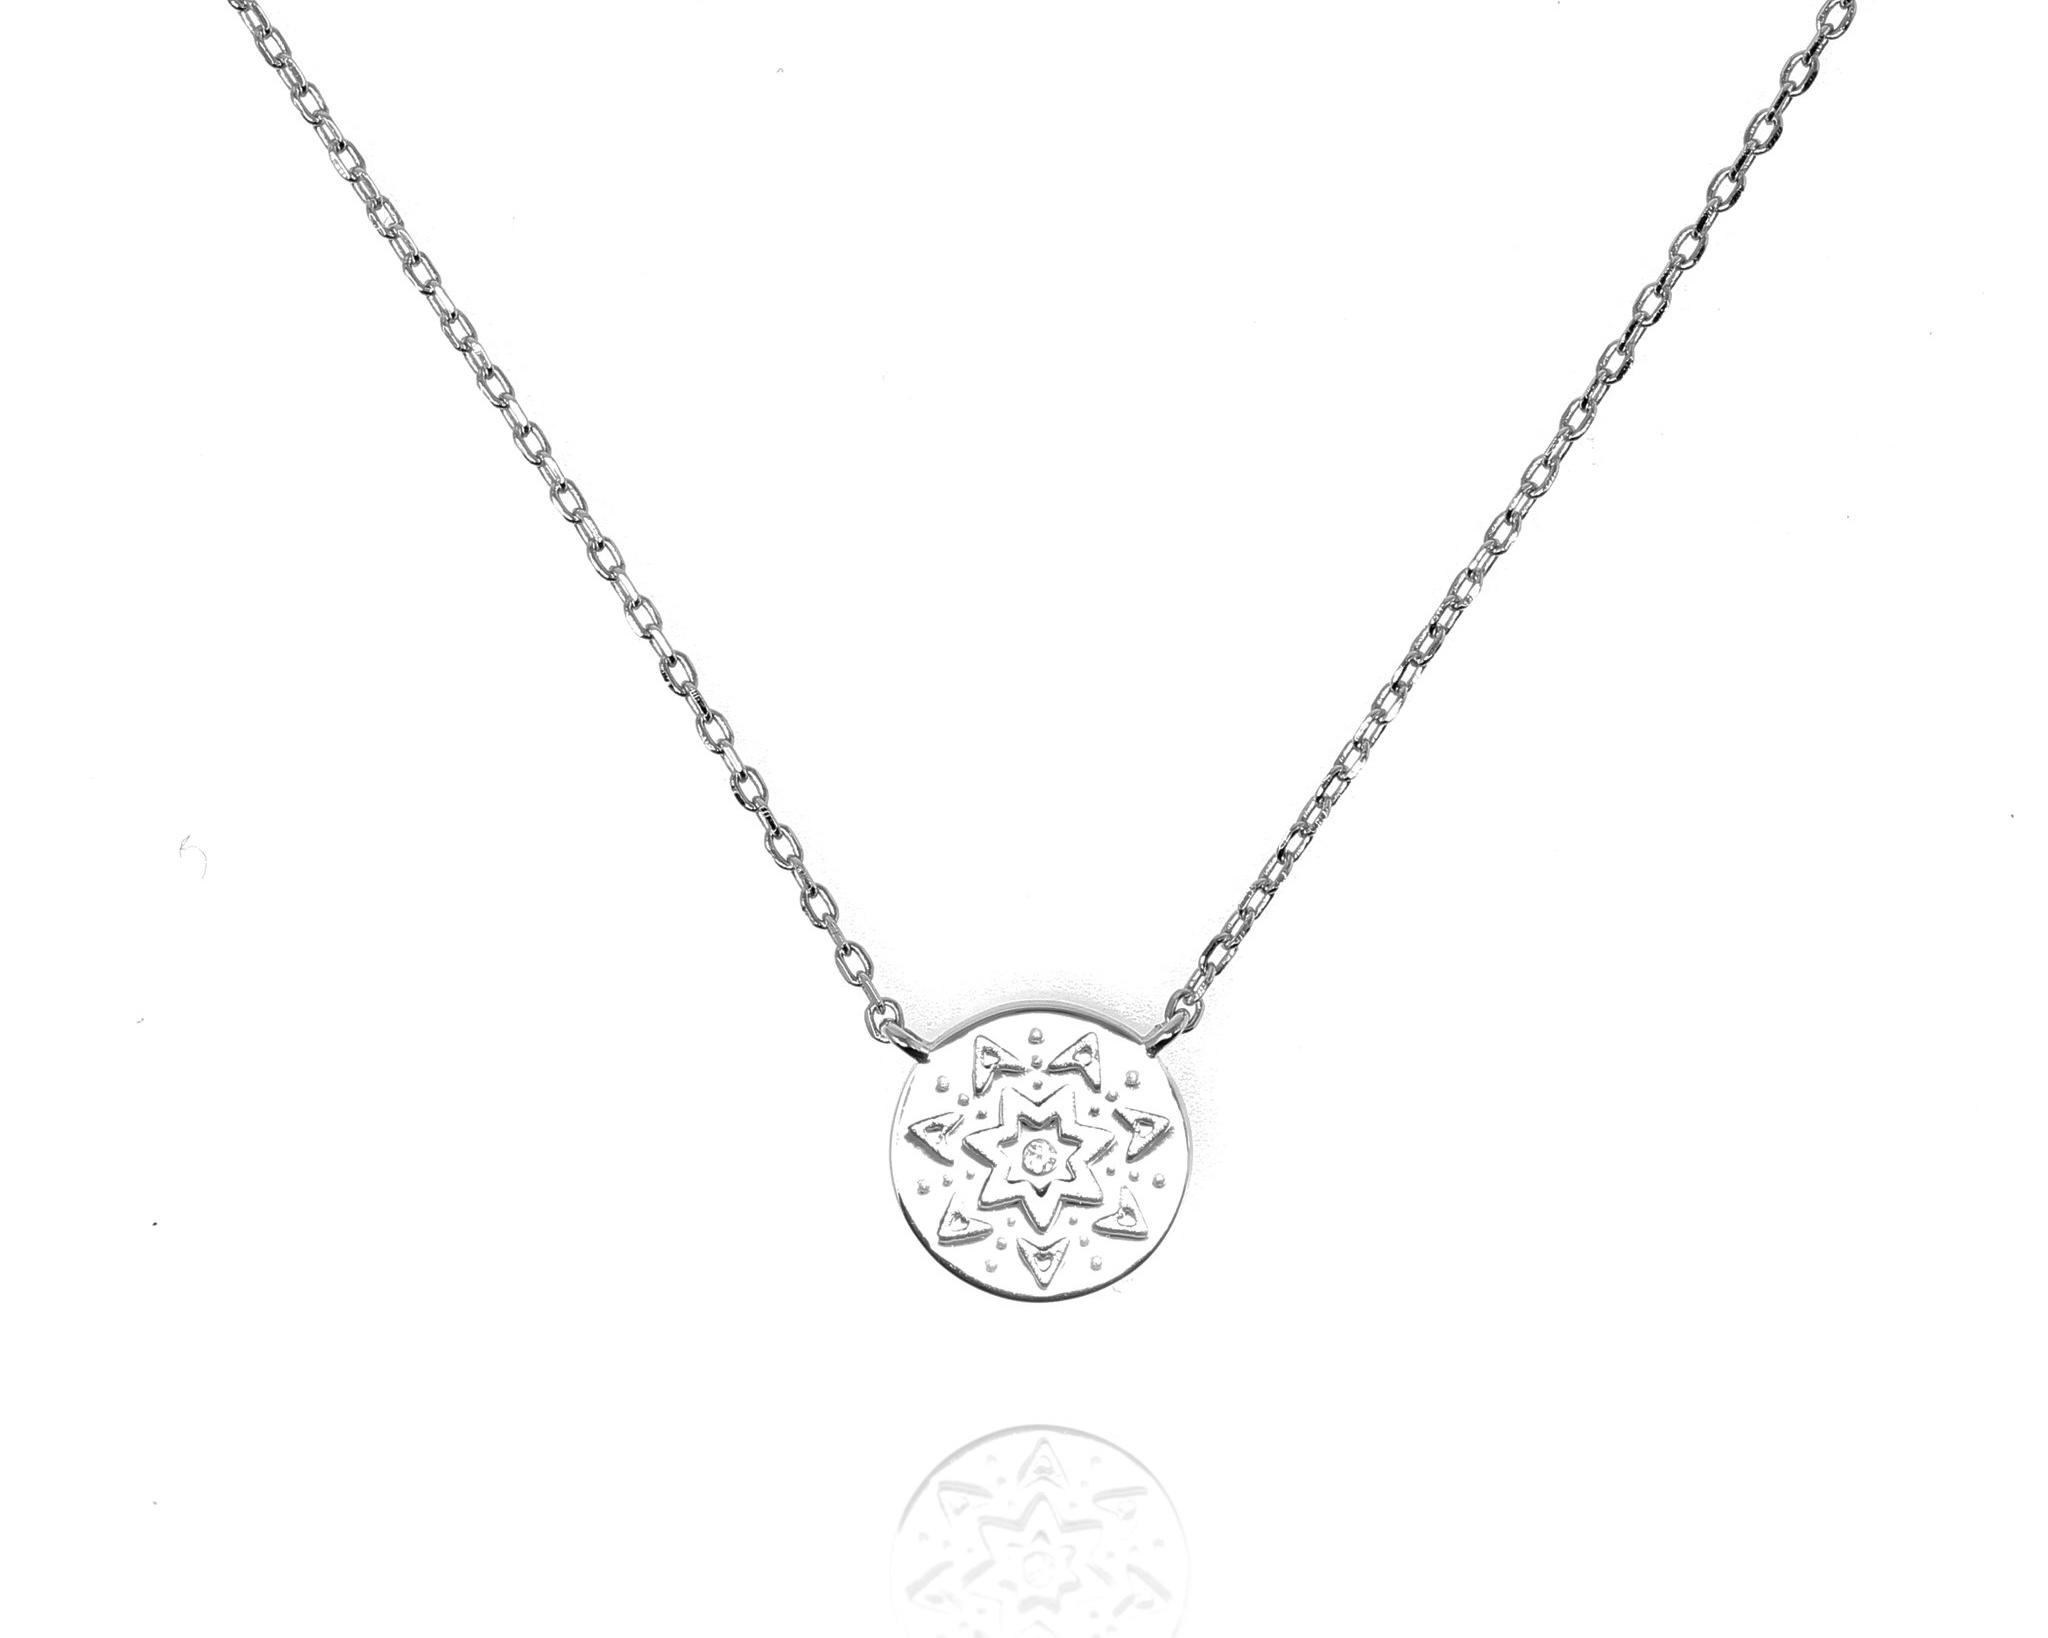 Sunburst Disc Necklace - Sterling Silver NG-22/S